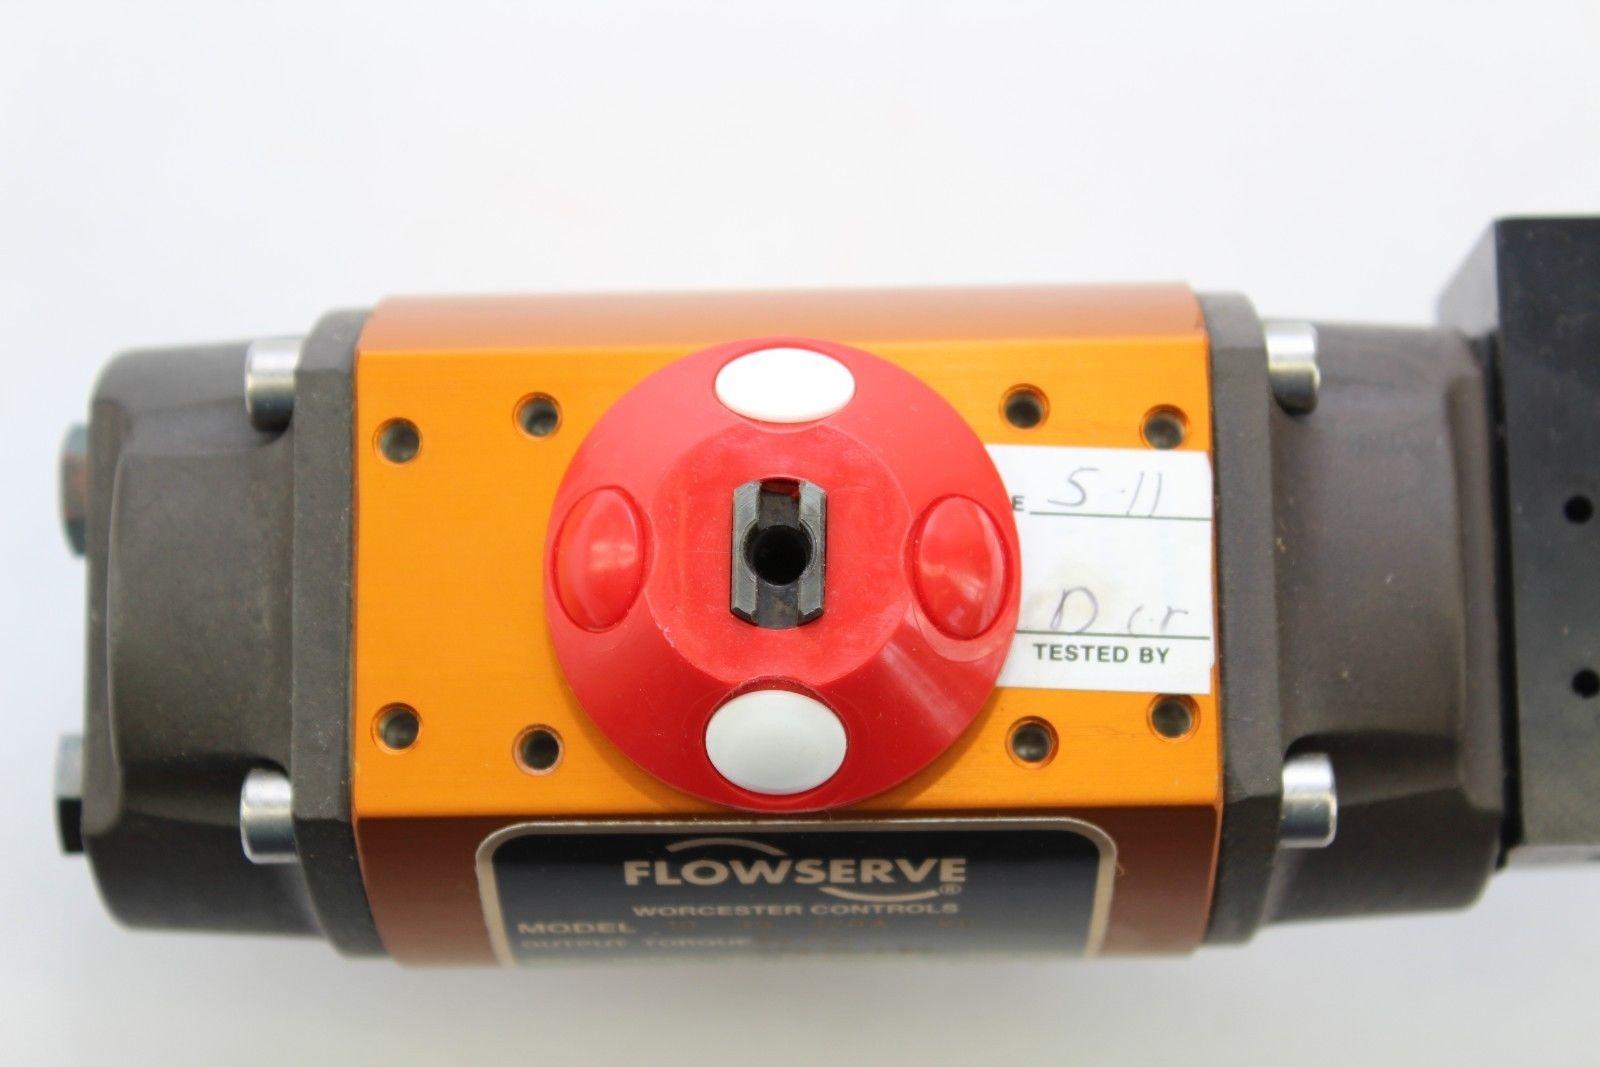 WORCESTER CONTROL FLOWSERVE 39-10 PNEUMATIC ACTUATOR 80-PSI 120A 270″/# NIB(B242 3